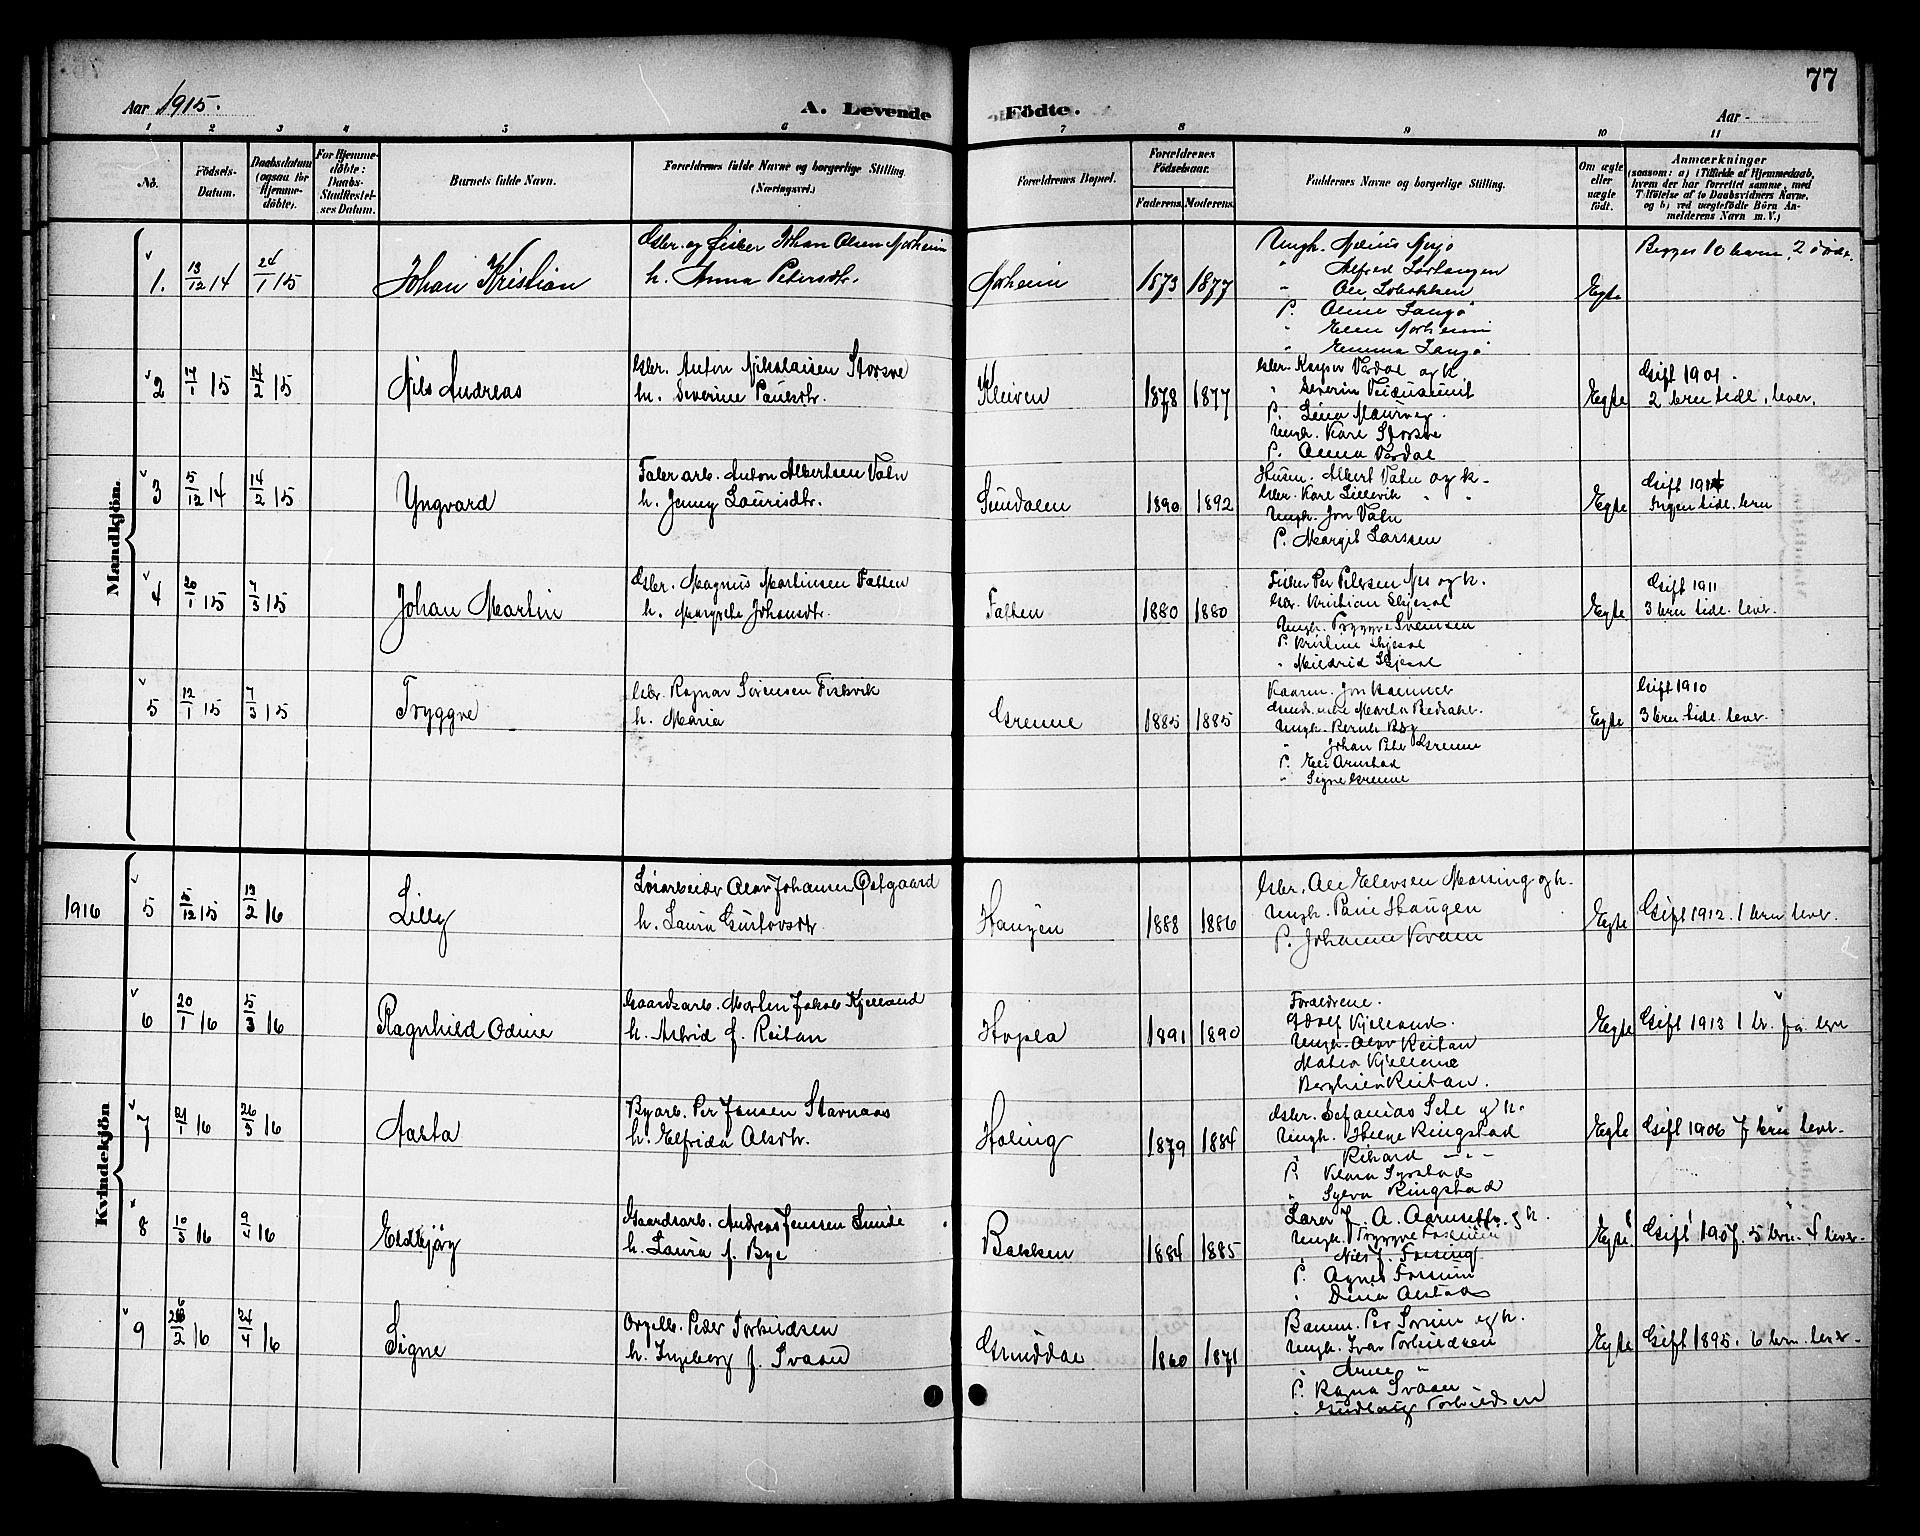 SAT, Ministerialprotokoller, klokkerbøker og fødselsregistre - Nord-Trøndelag, 714/L0135: Klokkerbok nr. 714C04, 1899-1918, s. 77